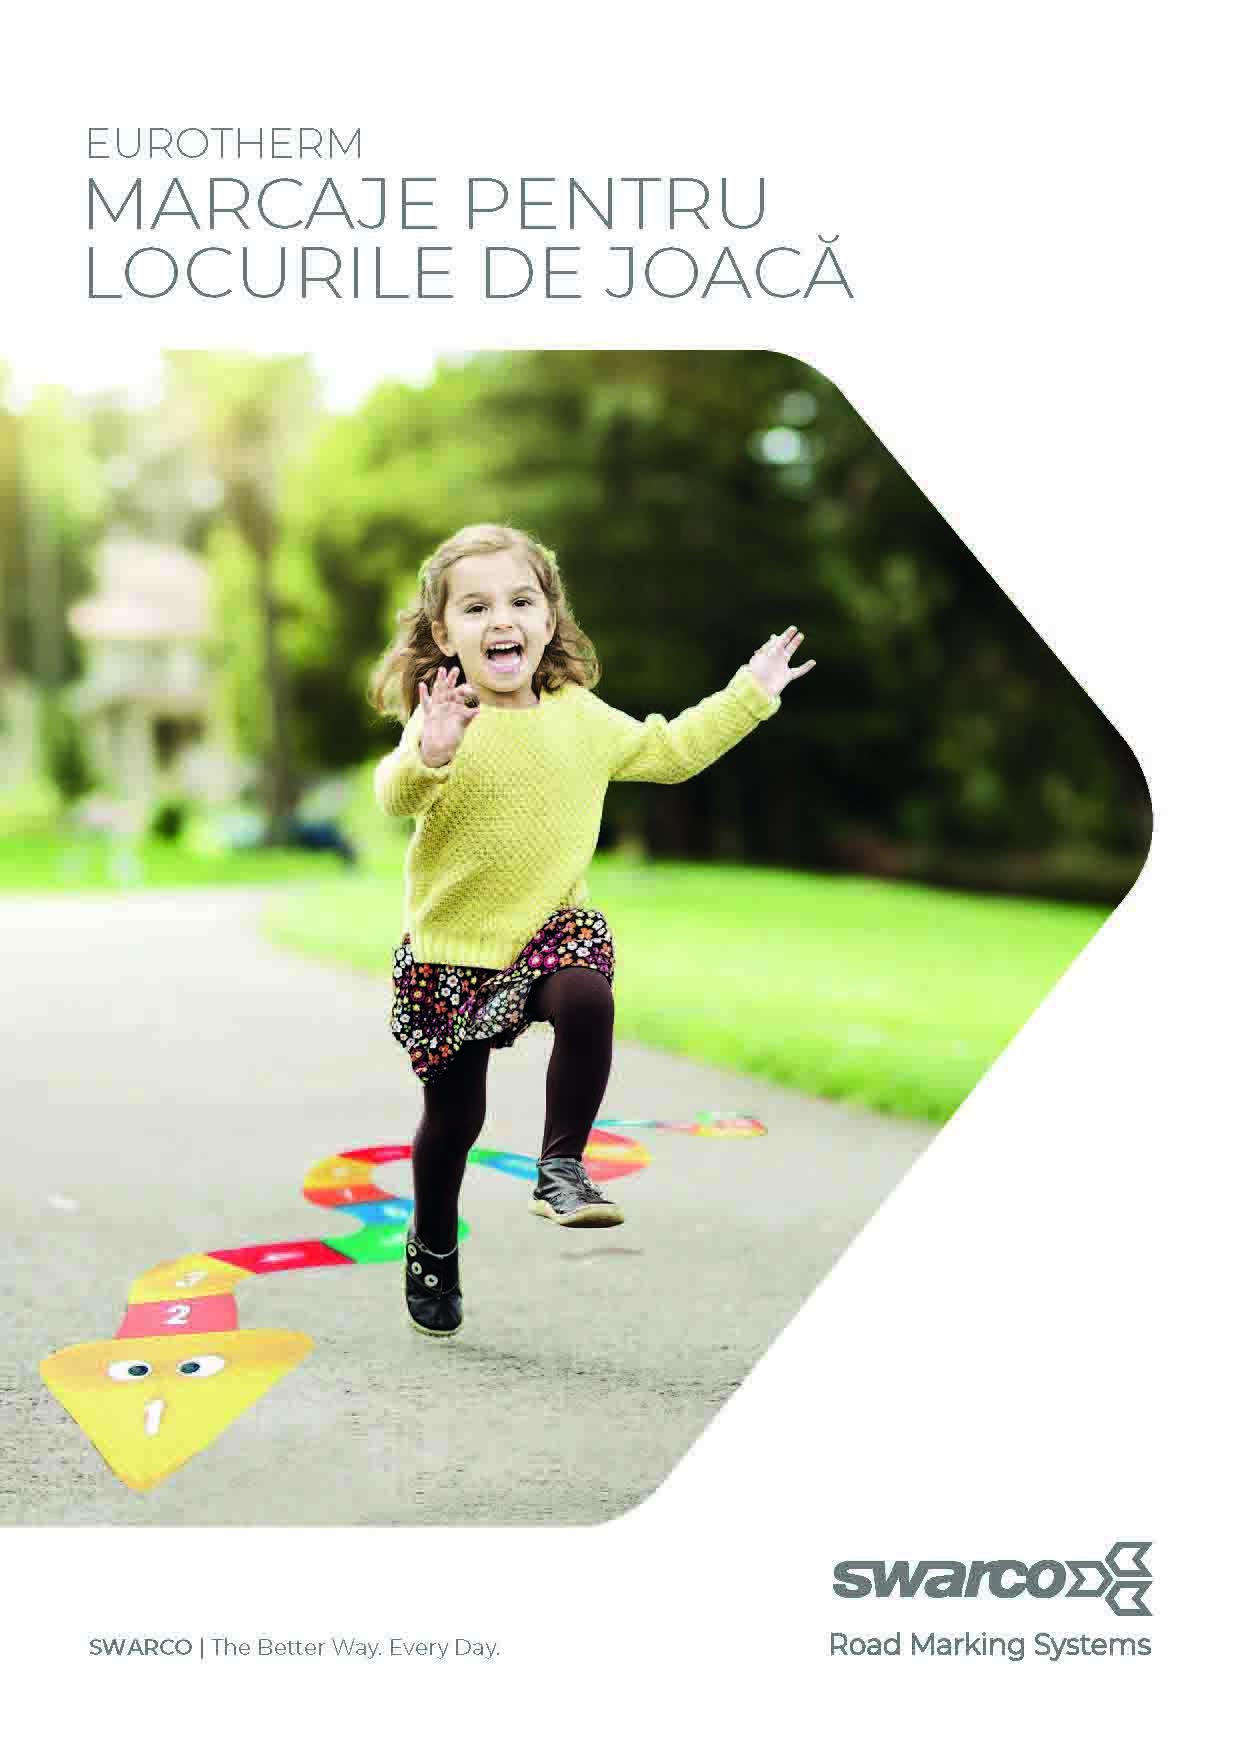 Broșură EUROTHERM pentru locurile de joacă